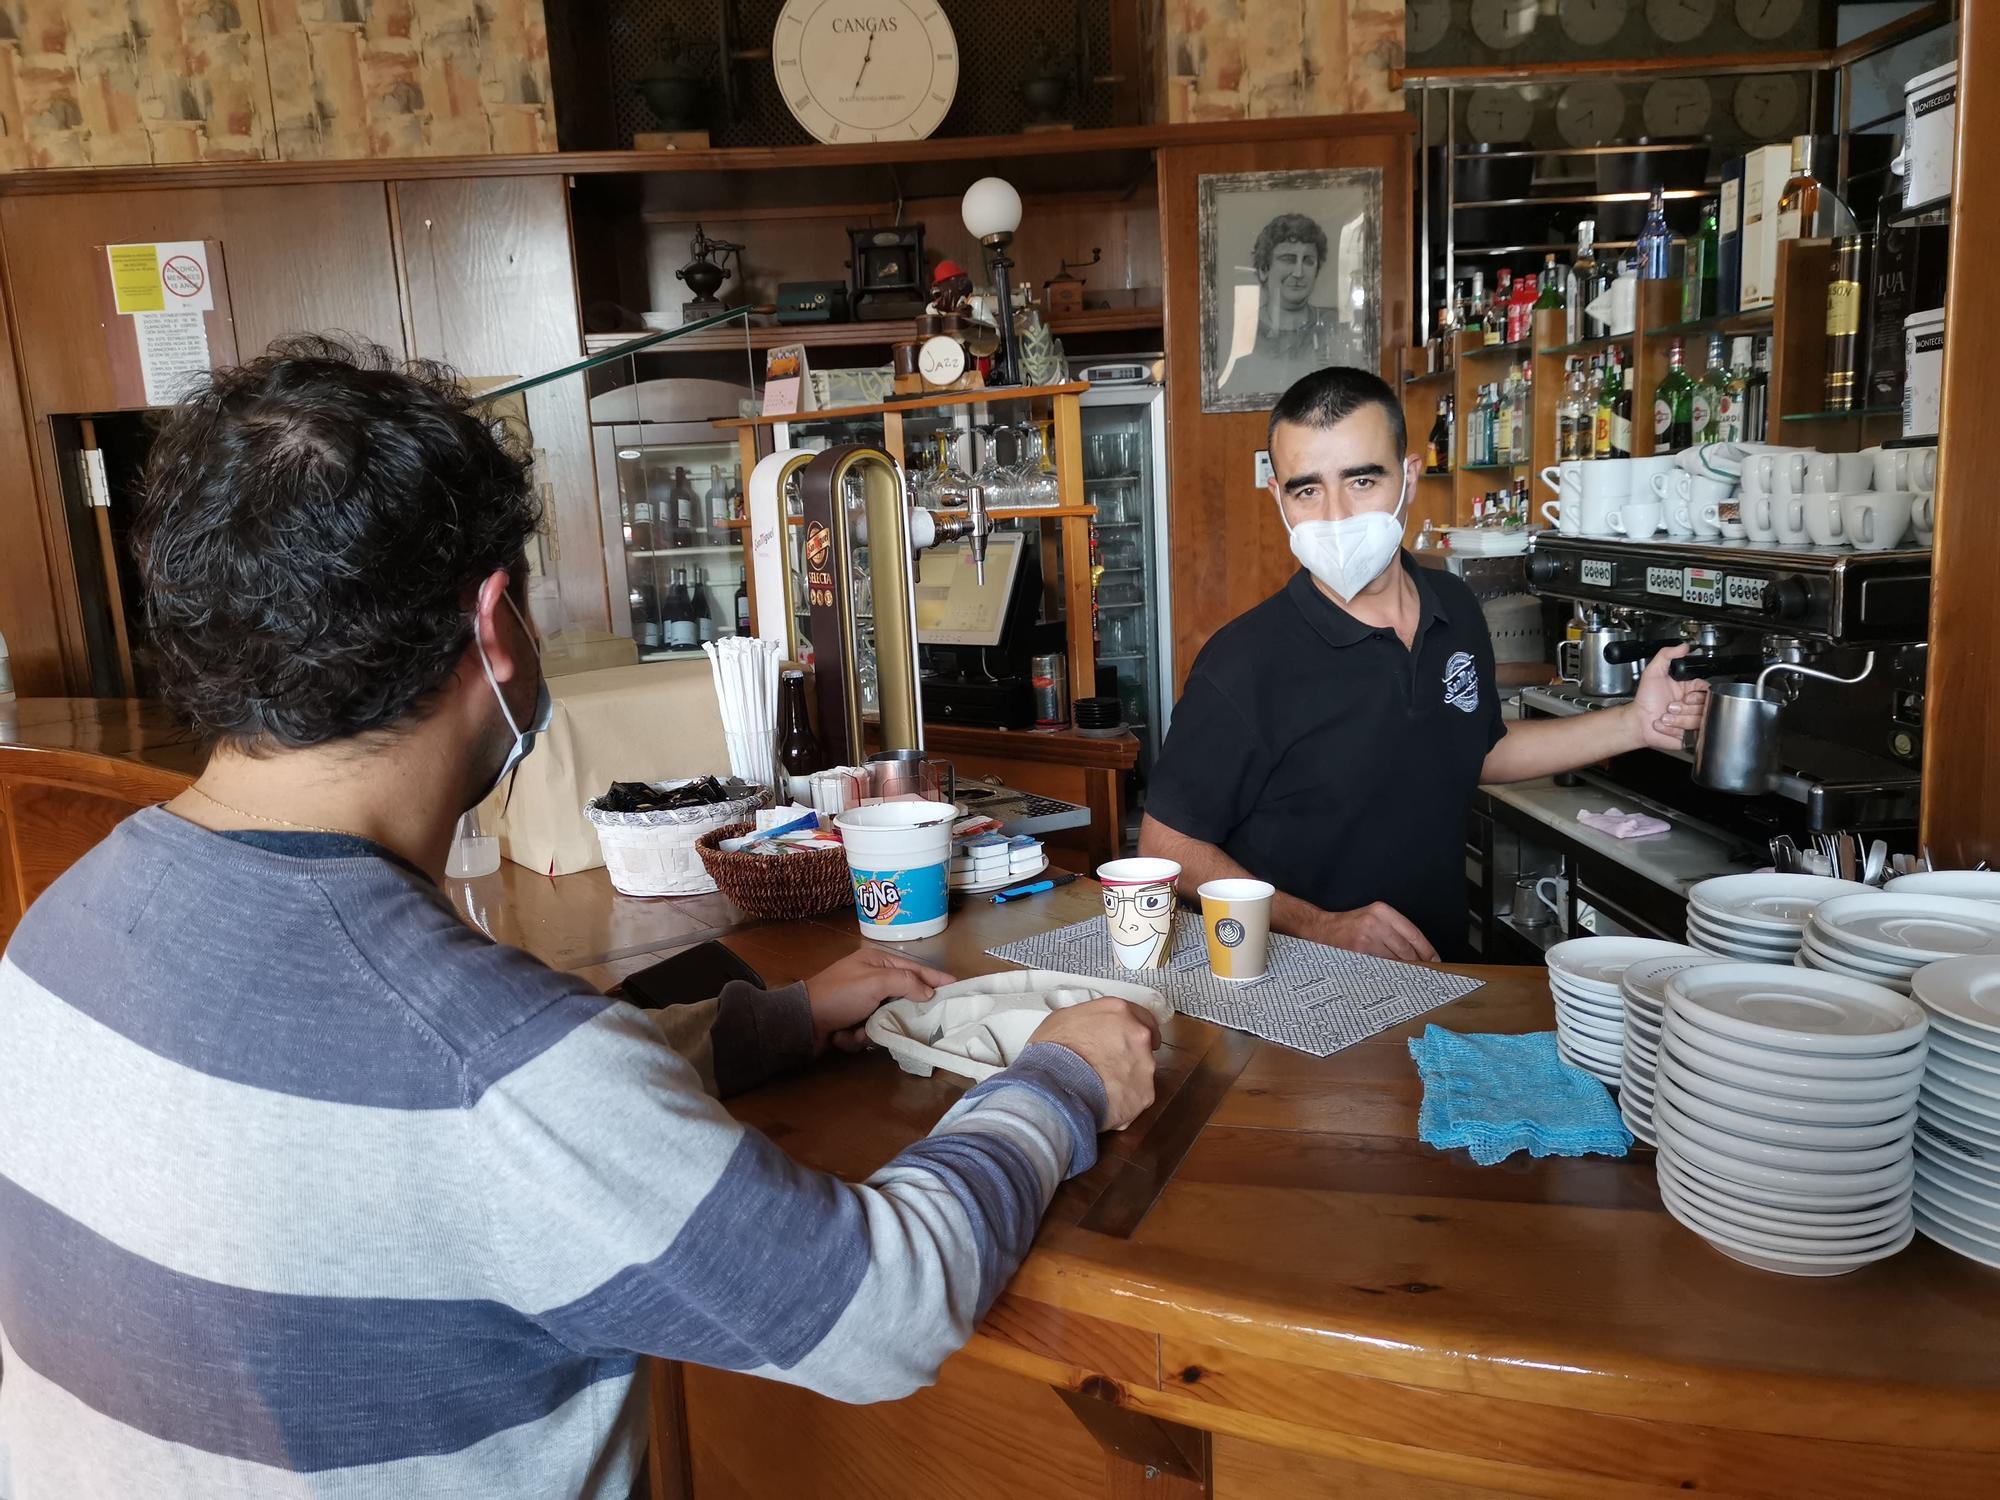 El responsable del Plantaciones preparando cafés para llevar